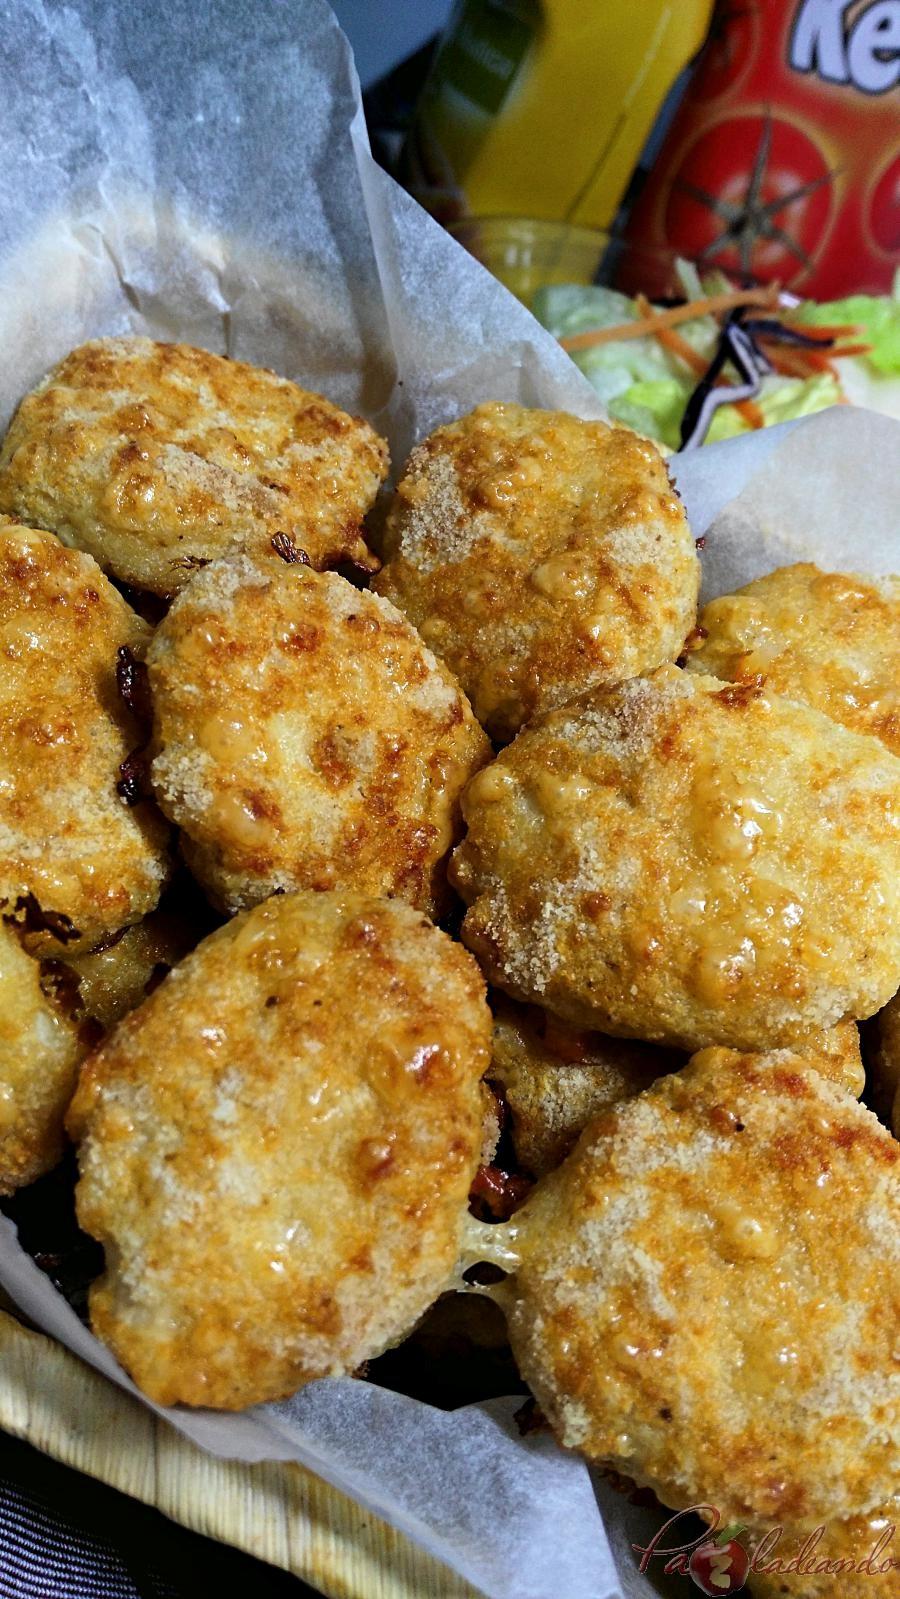 Nuguets de pollo caseros con thermomix 03 pazladeando